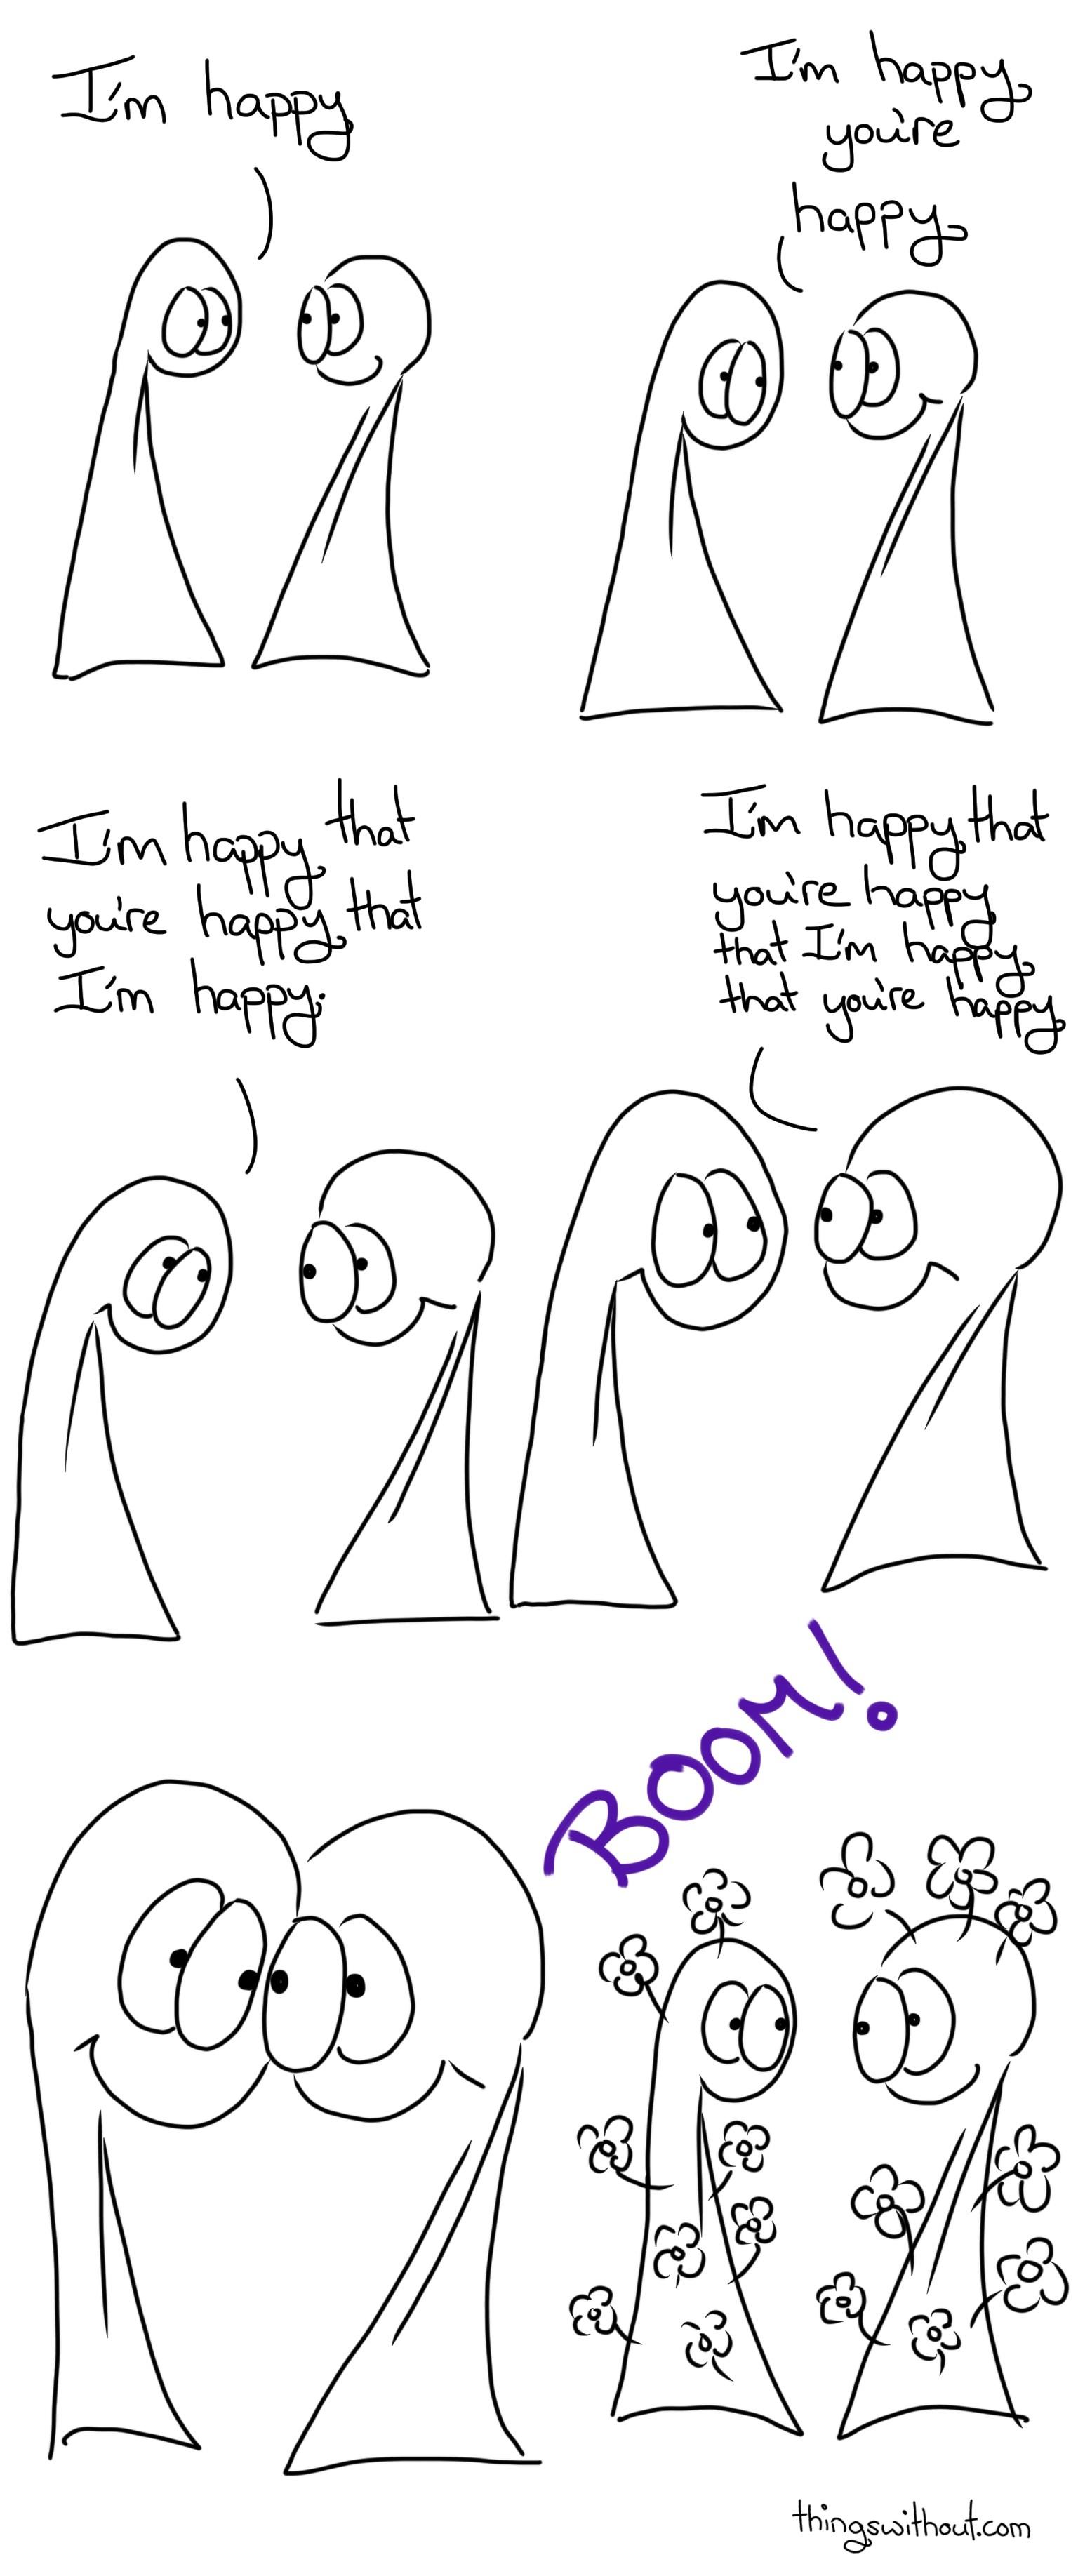 358: Happy